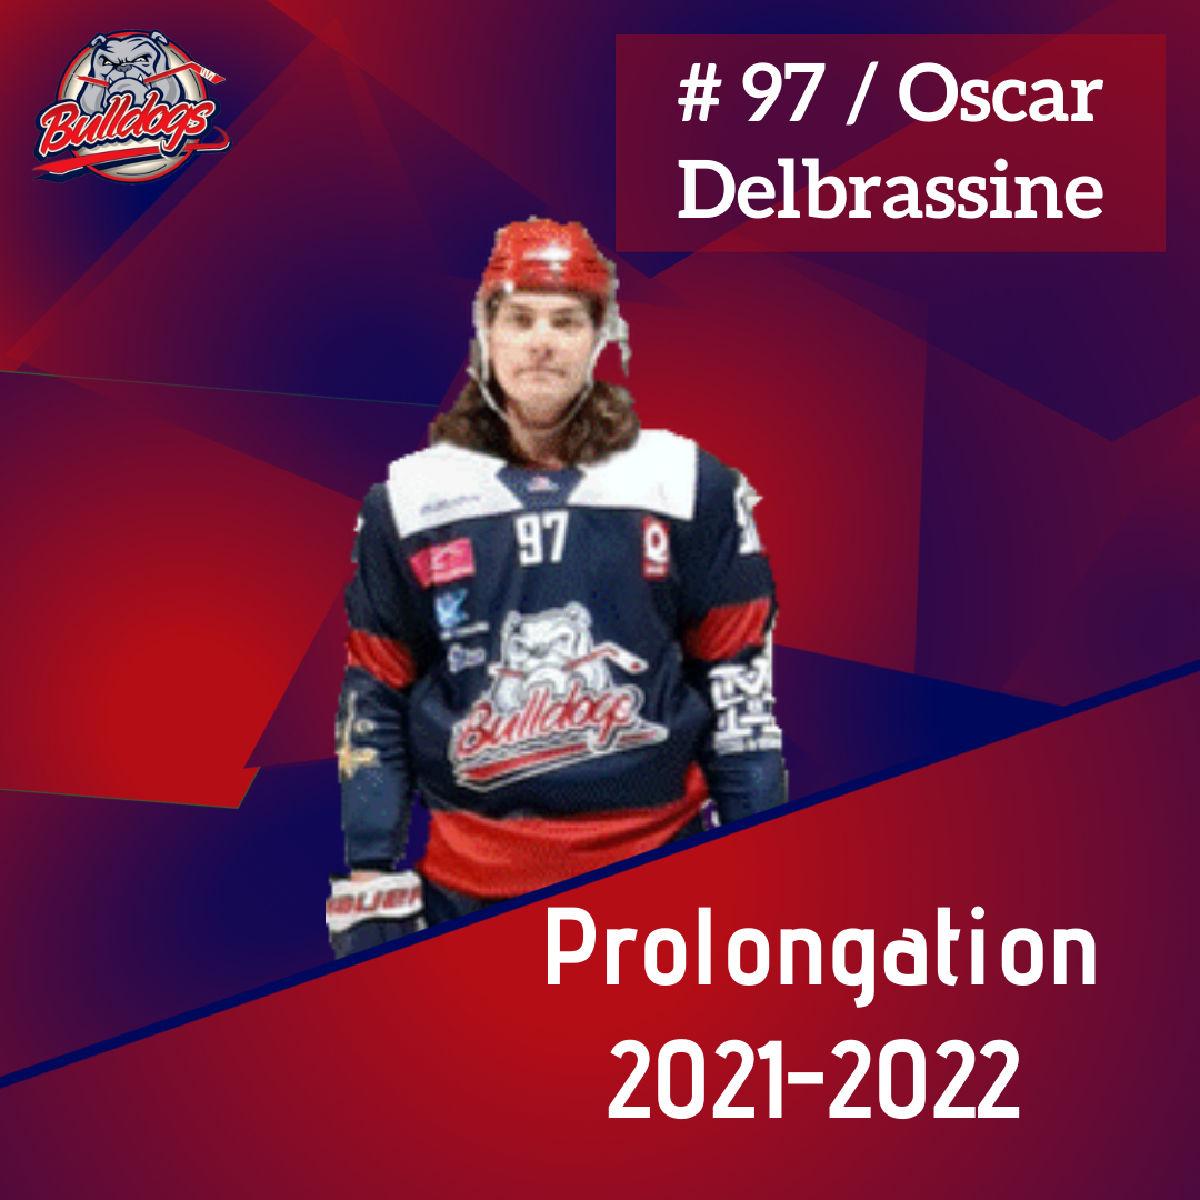 Prolongation pour Oscar Delbrassine avec les Bulldogs de Liège